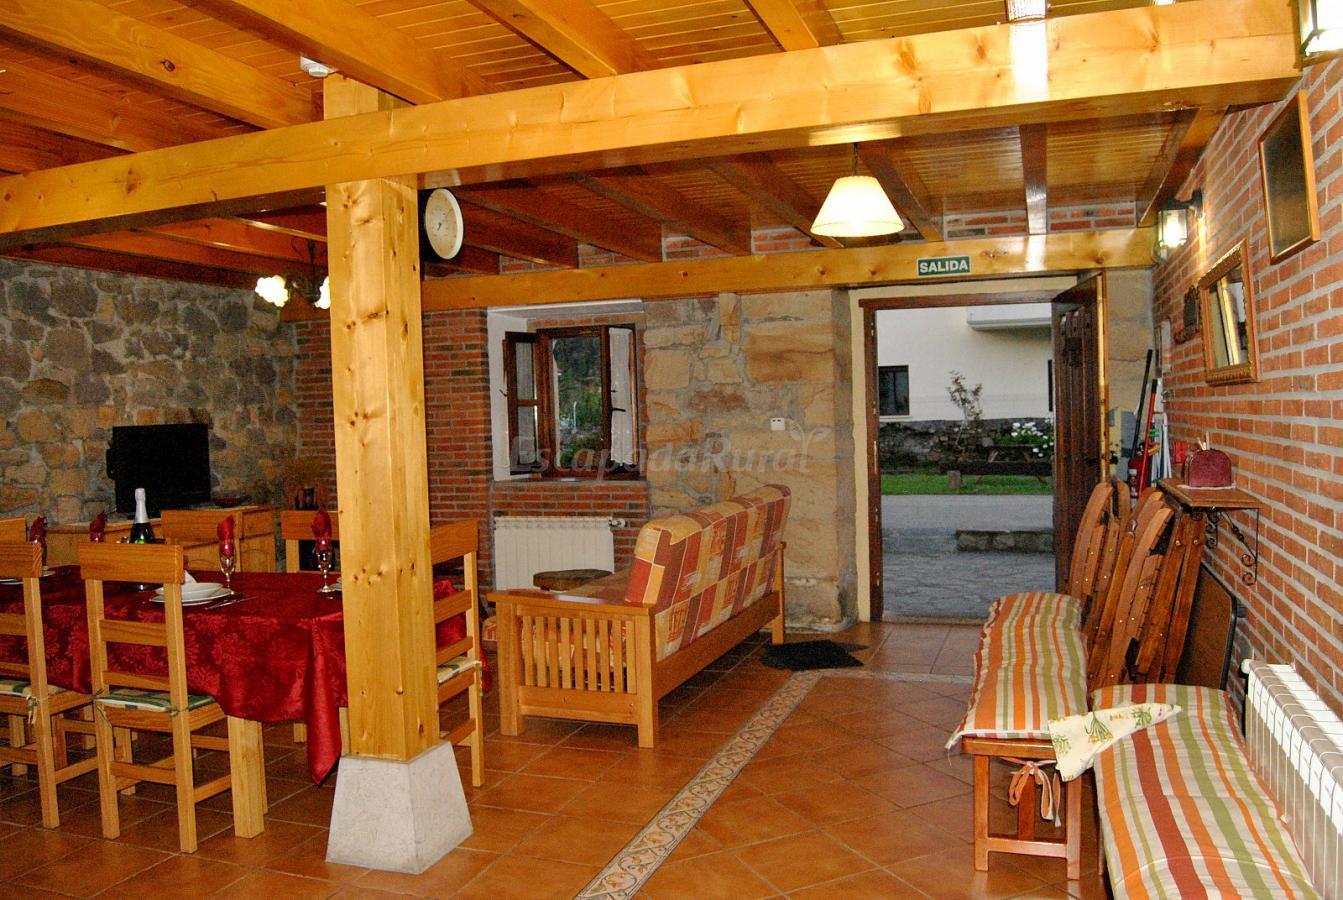 Fotos de apartamentos rurales el real sitio casa rural en la cavada cantabria - Casa rural la reserva ...